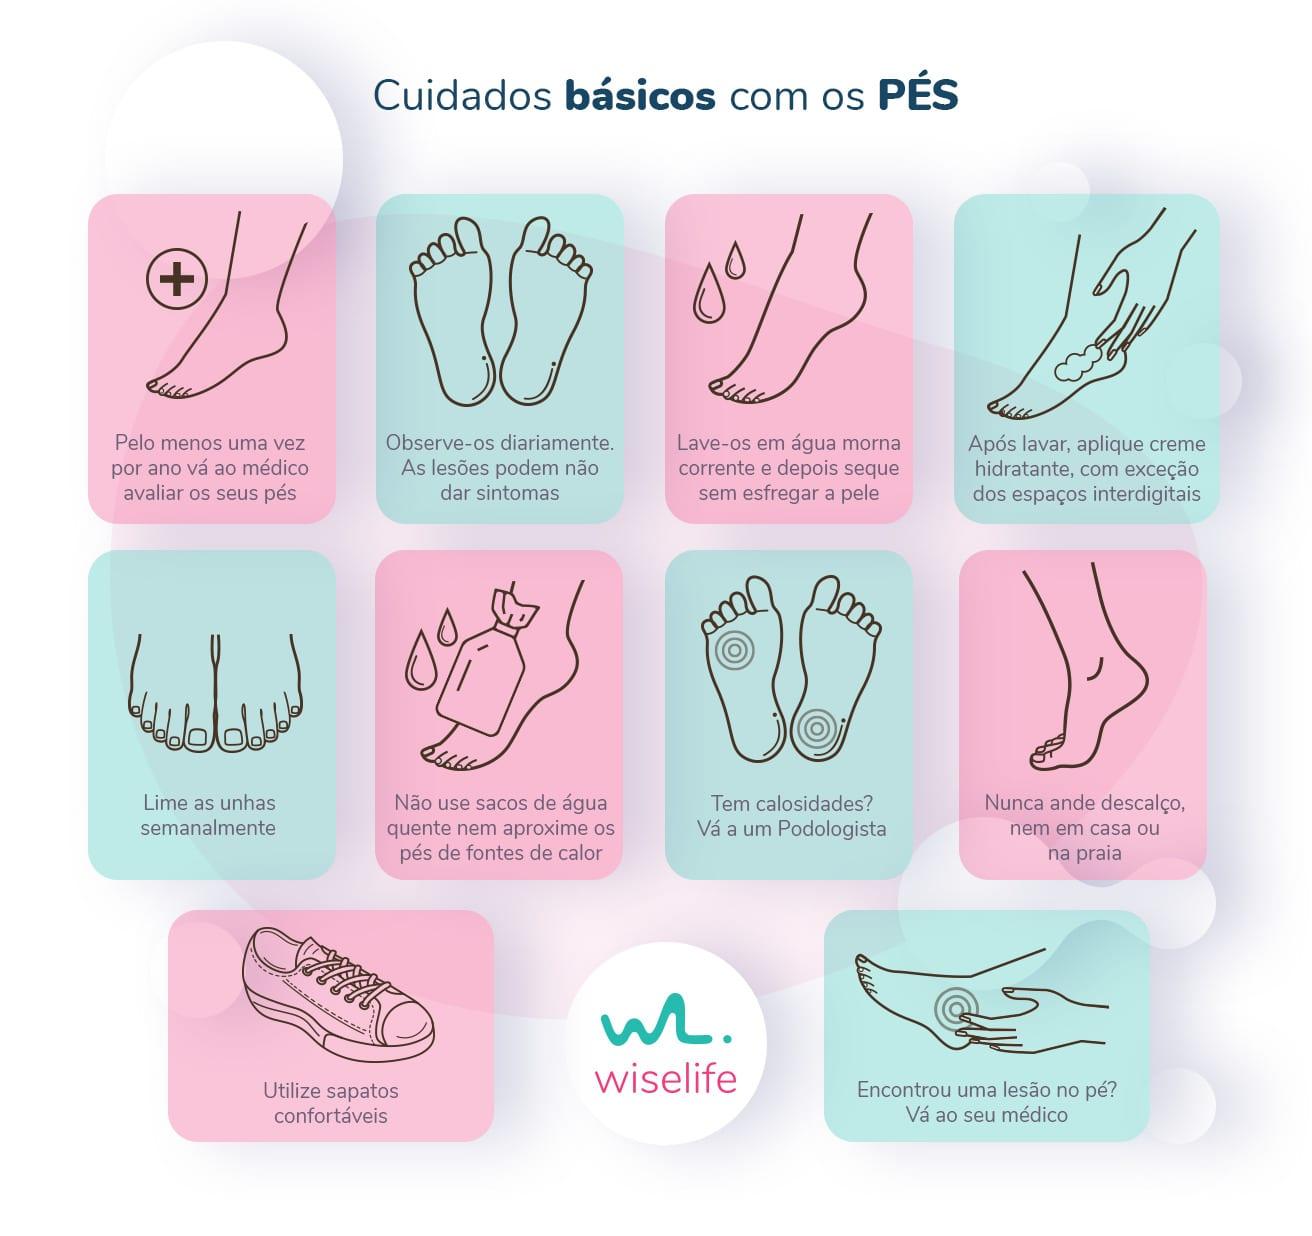 Cuidados básicos com os pés